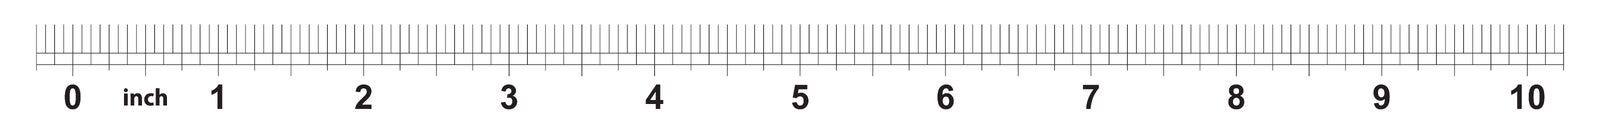 règle de 10 pouces L'exactitude de repérage est un seizième de pouce Grille impériale